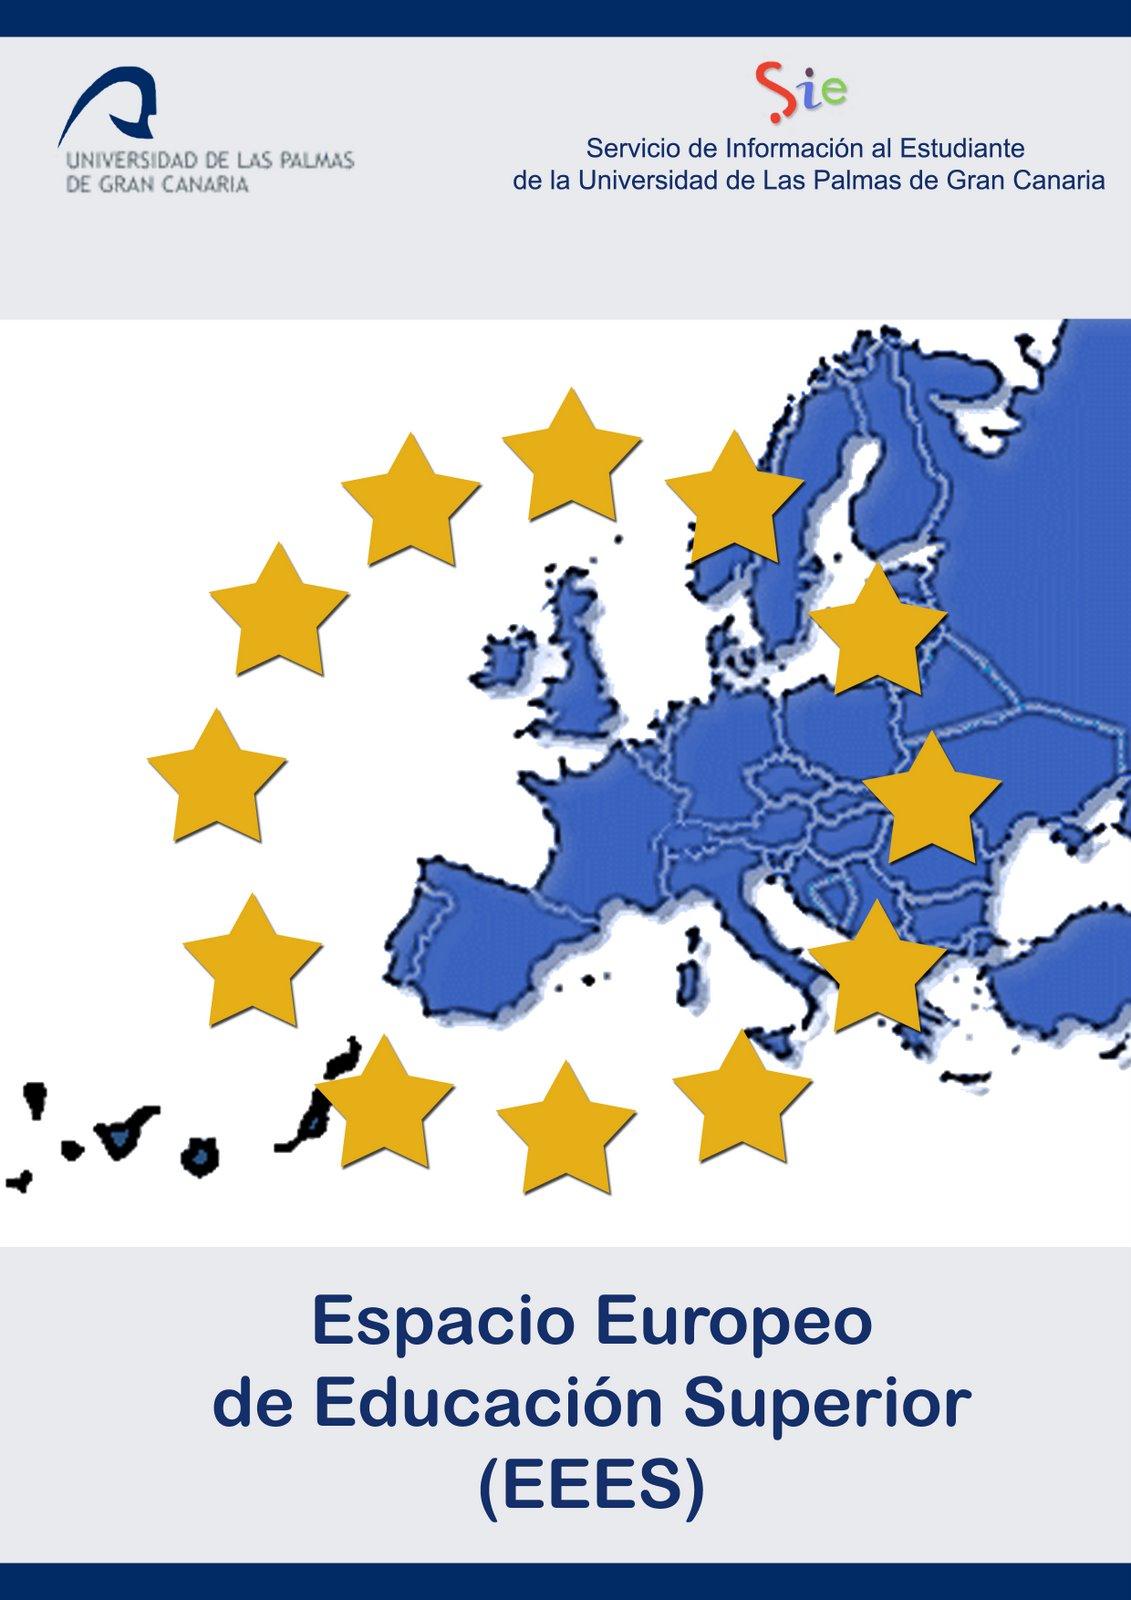 [Espacio_europeo_de_educacion_superior_copia.jpg]